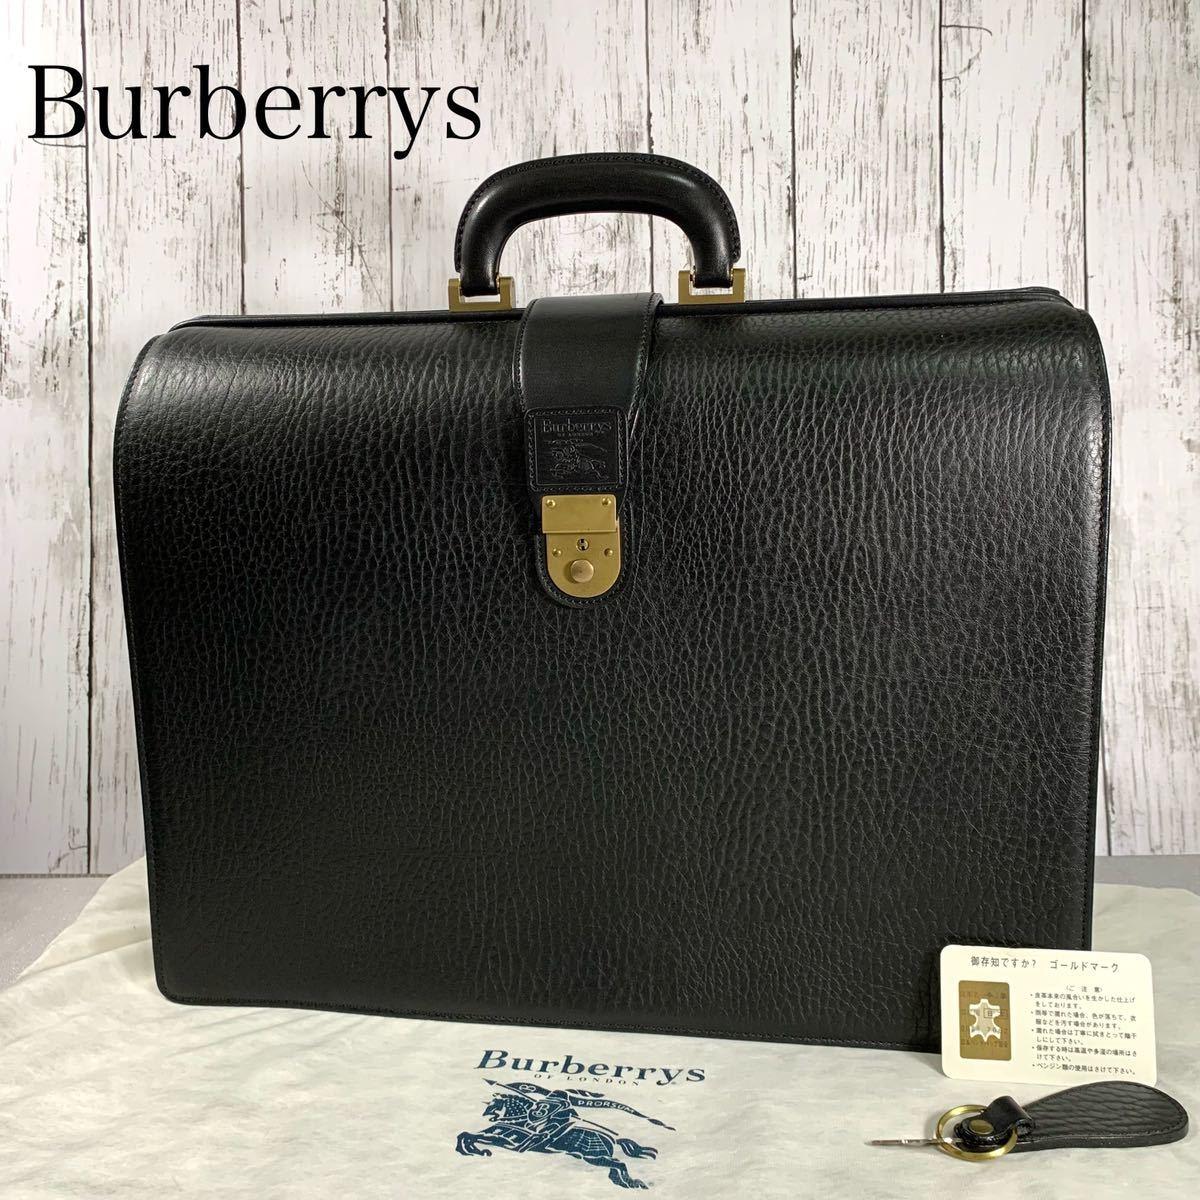 本物 新品同様 バーバリー 定価16万円 最高級レザー 鍵付き ノバチェック ダレスバッグ ドクターバッグ ビジネスバッグ A4書類 Burberry